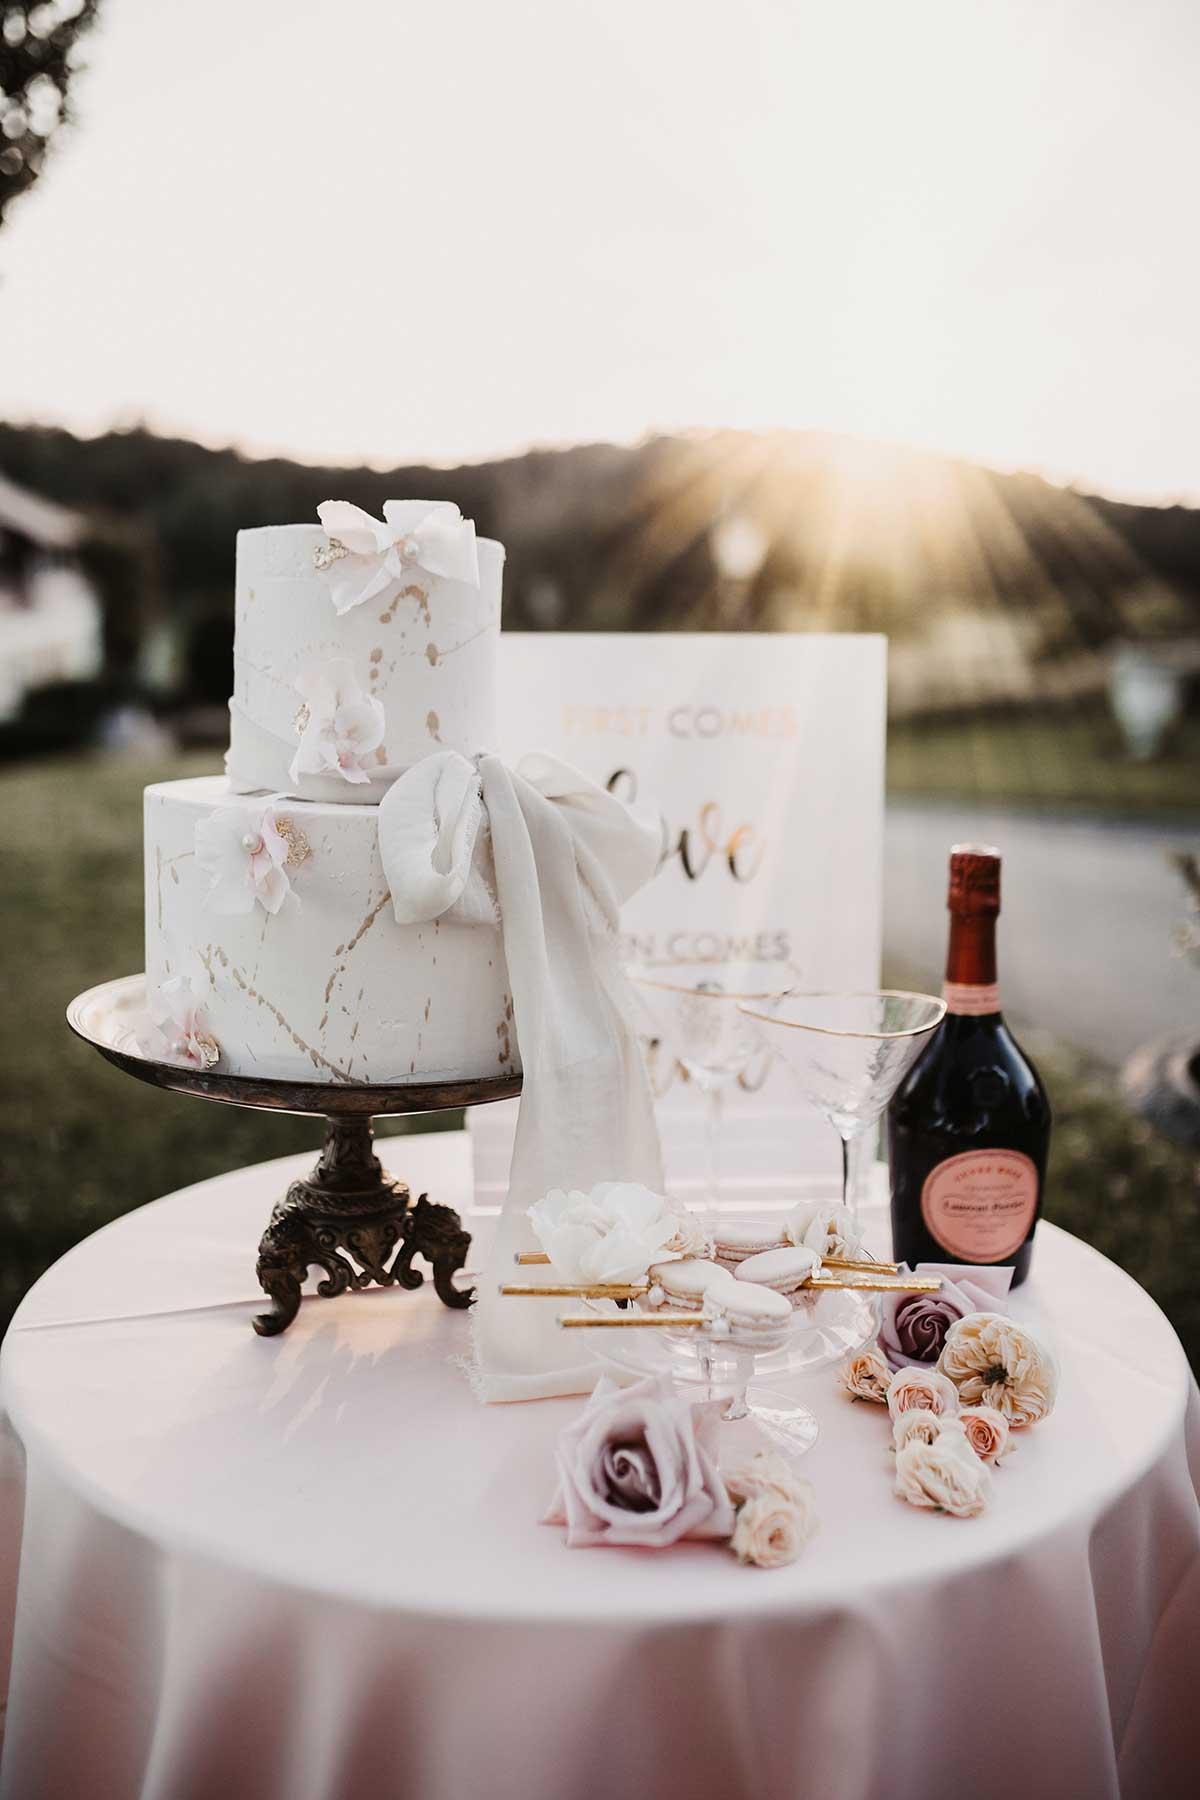 Klassisch / romantische Hochzeitstorte in Weiß